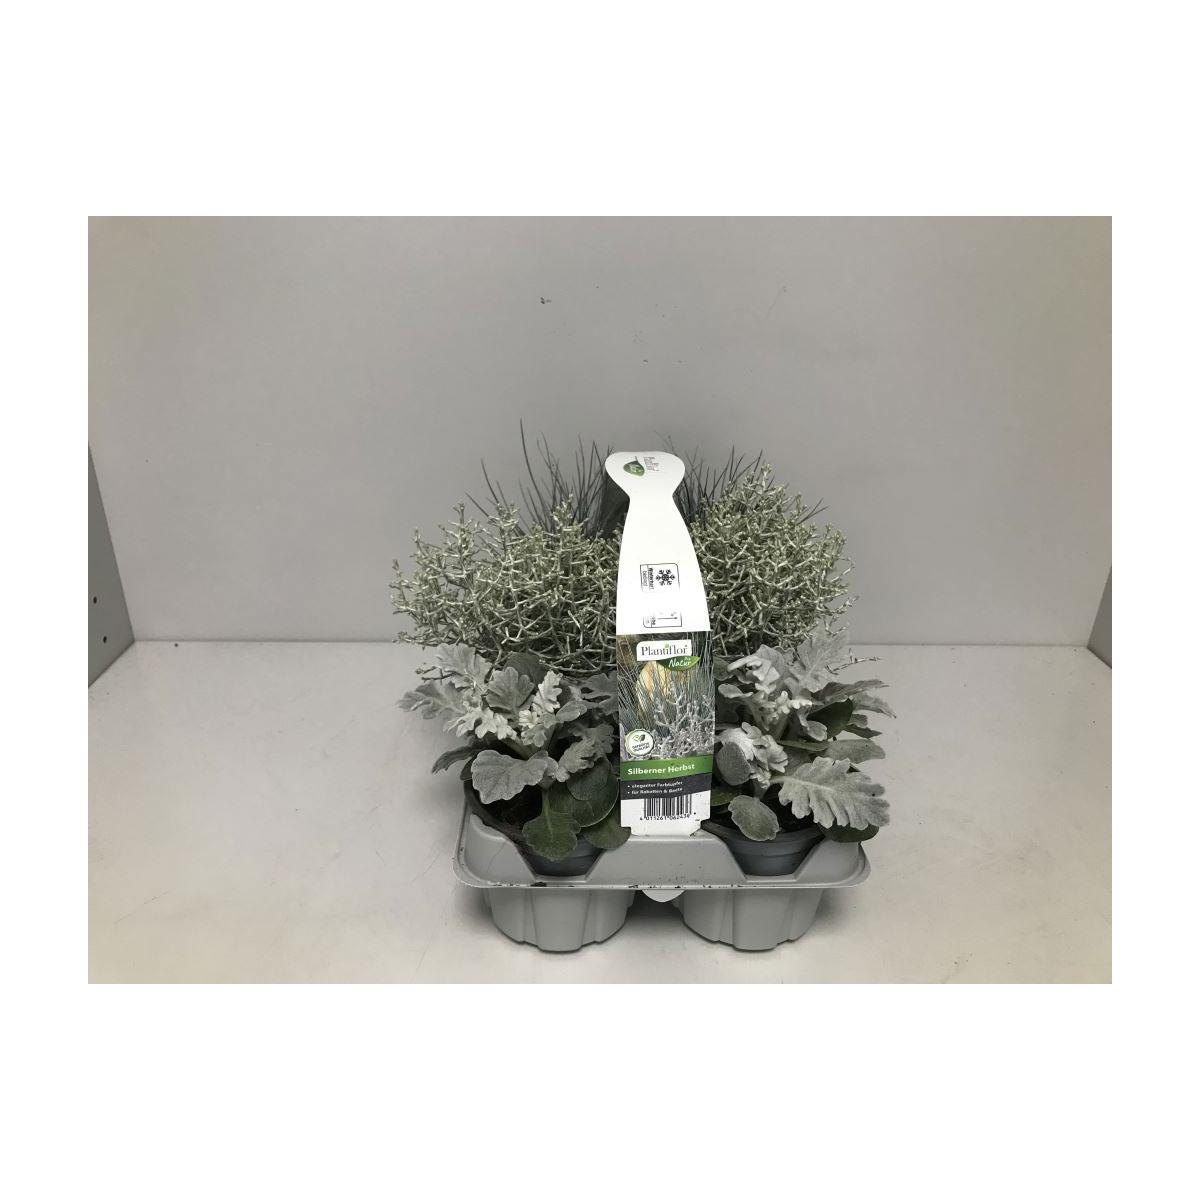 Plantiflor Silberner Herbst 6er-Tray